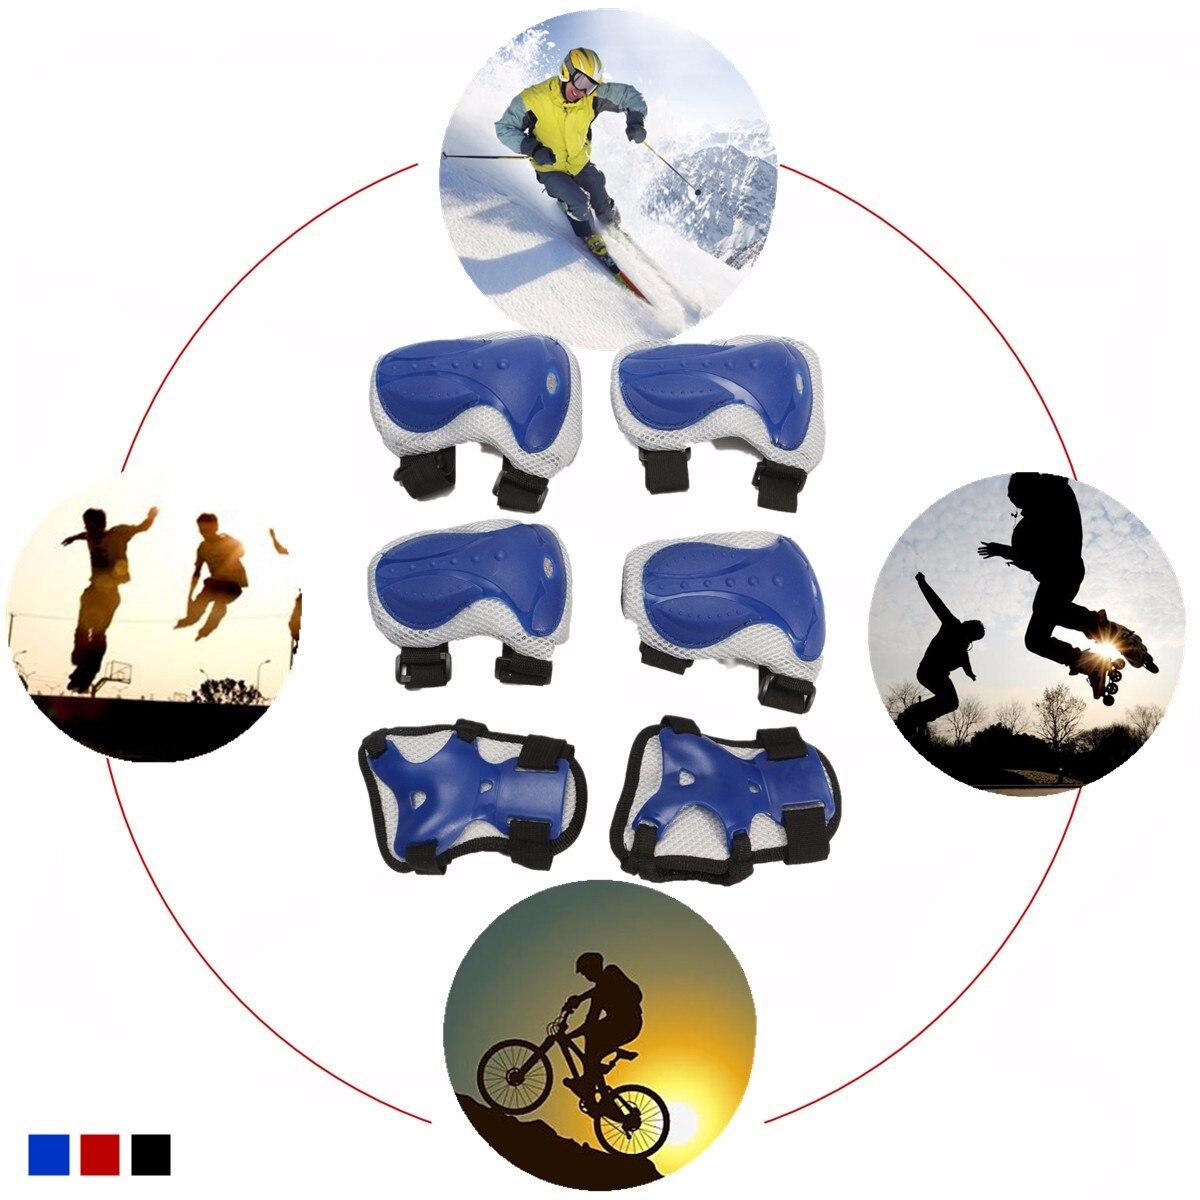 6 шт./компл. взрослый спортивный набор безопасности Защита для коленей и локтей защитные наколенники; защита для скутера Велоспорт Катание на роликах